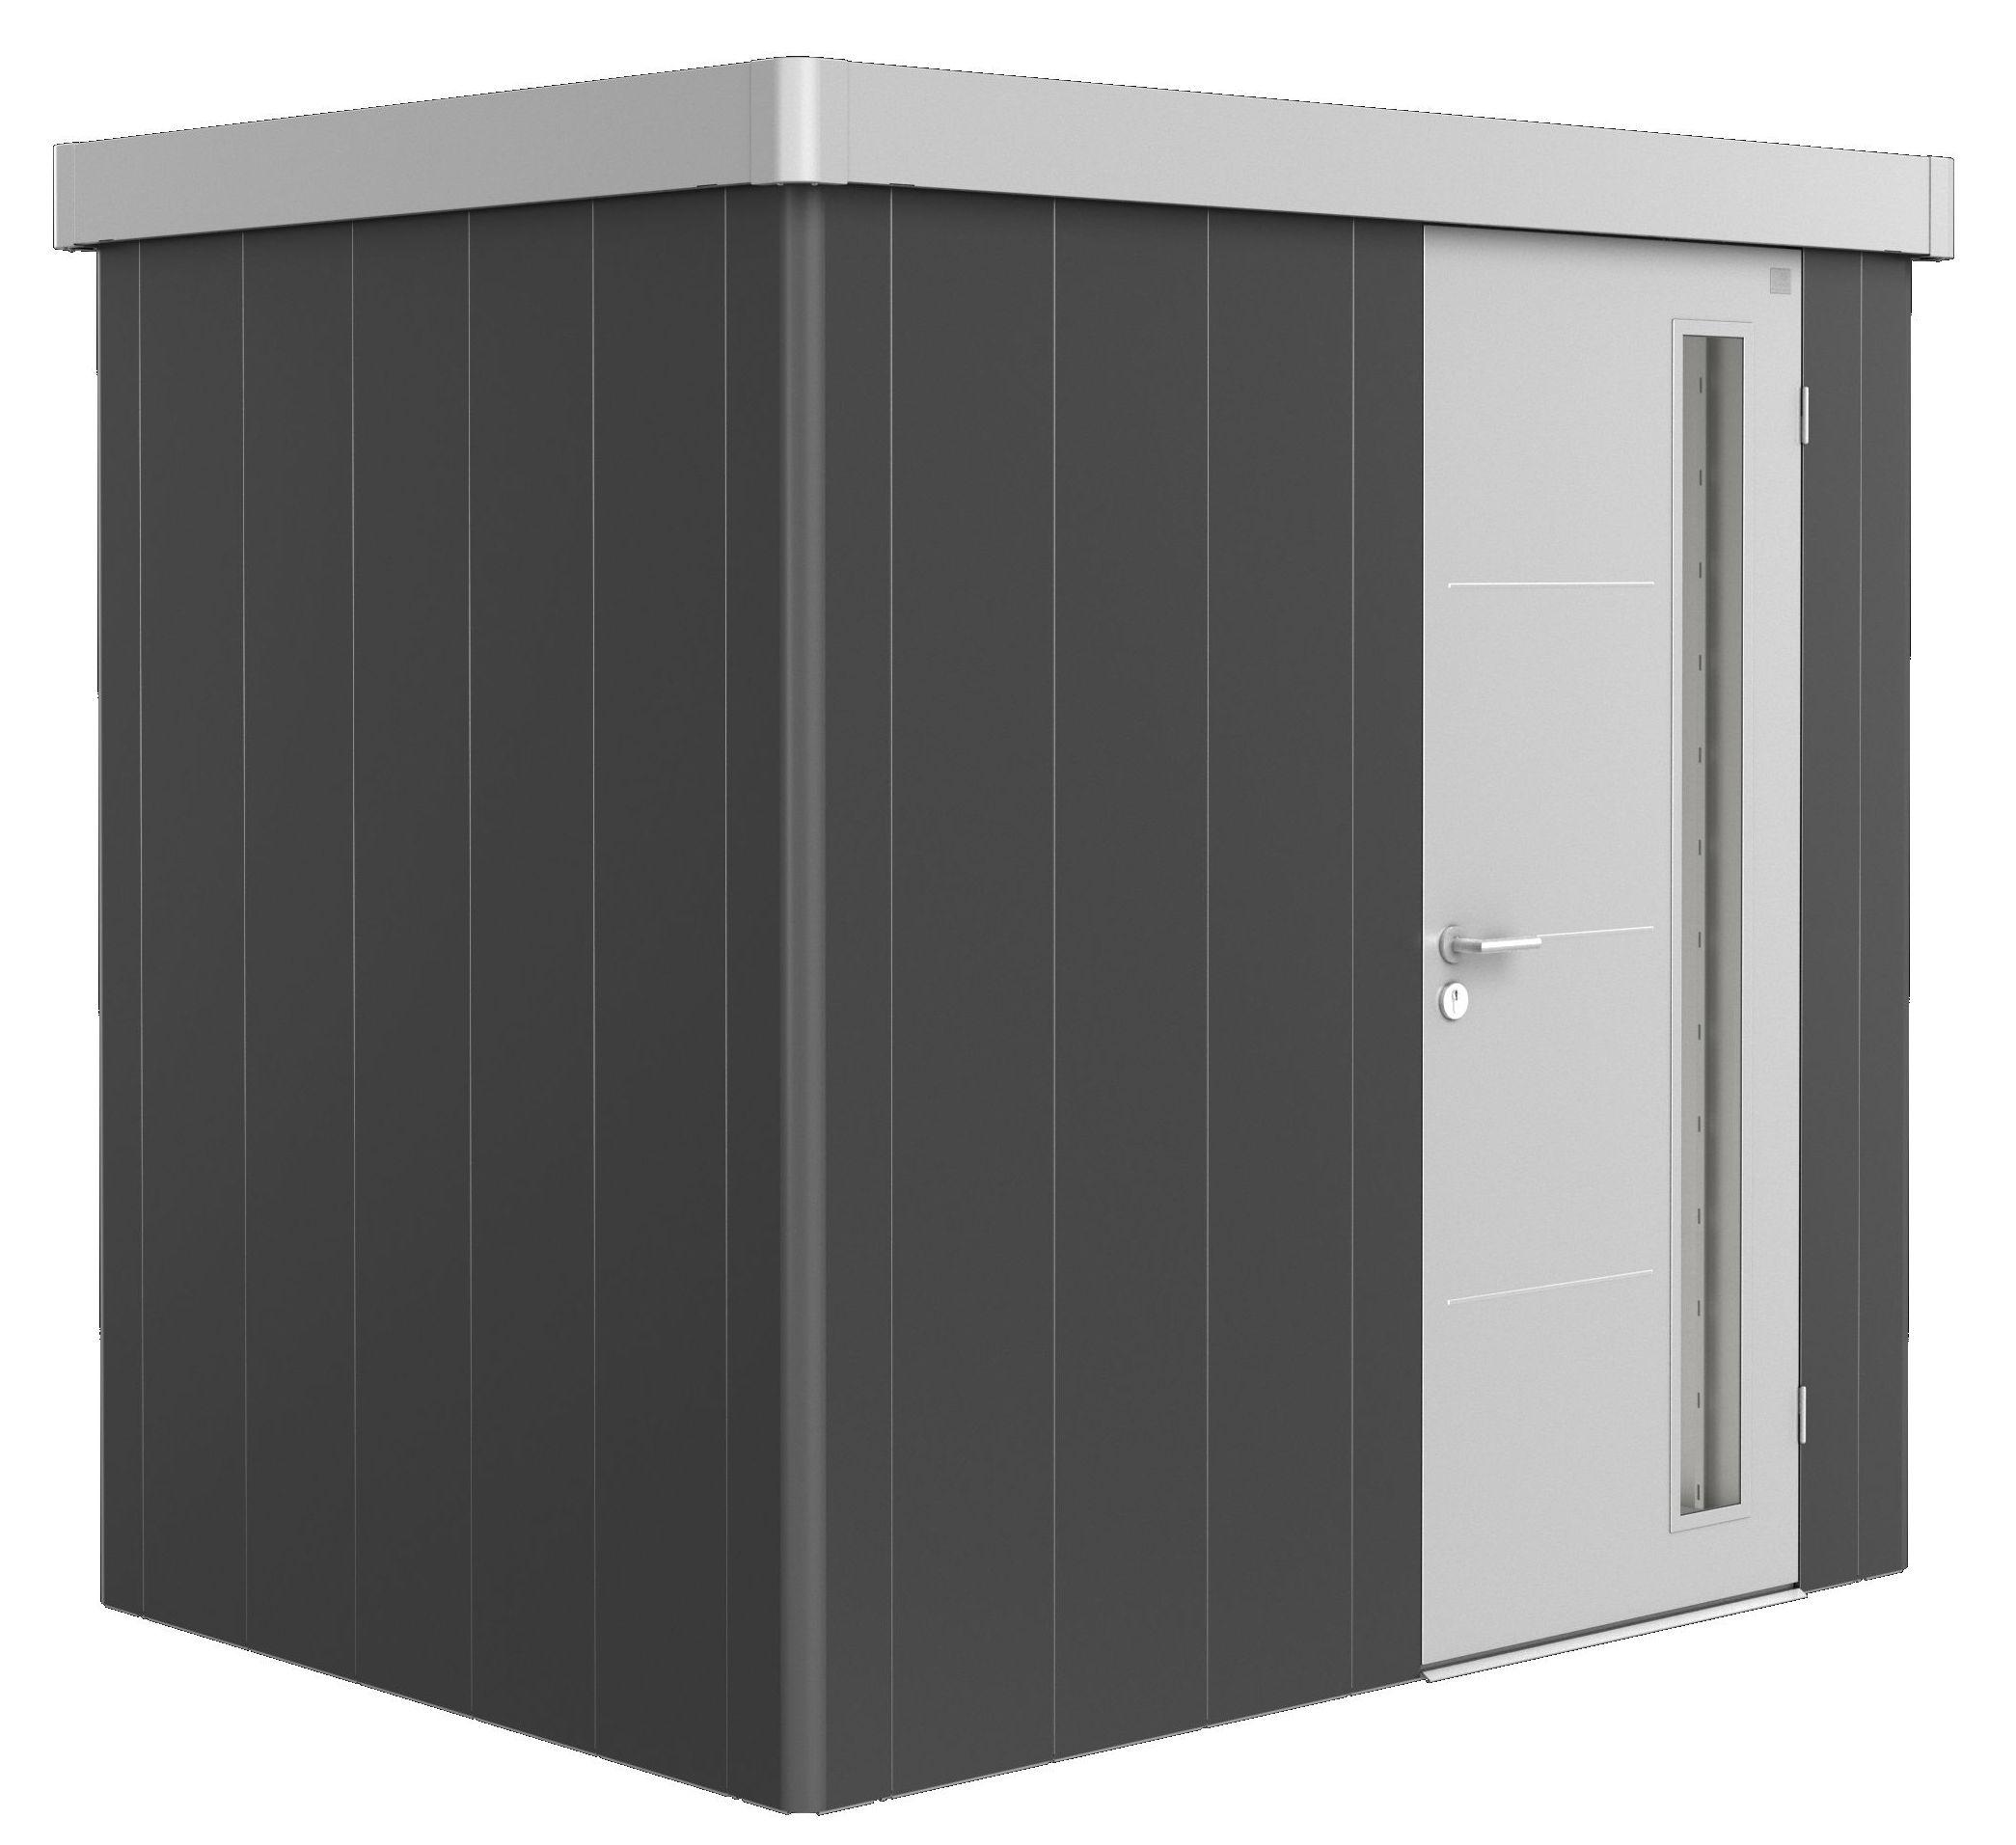 Biohort Zahradní domek NEO 1B, varianta 3.1 tmavě šedá metalíza